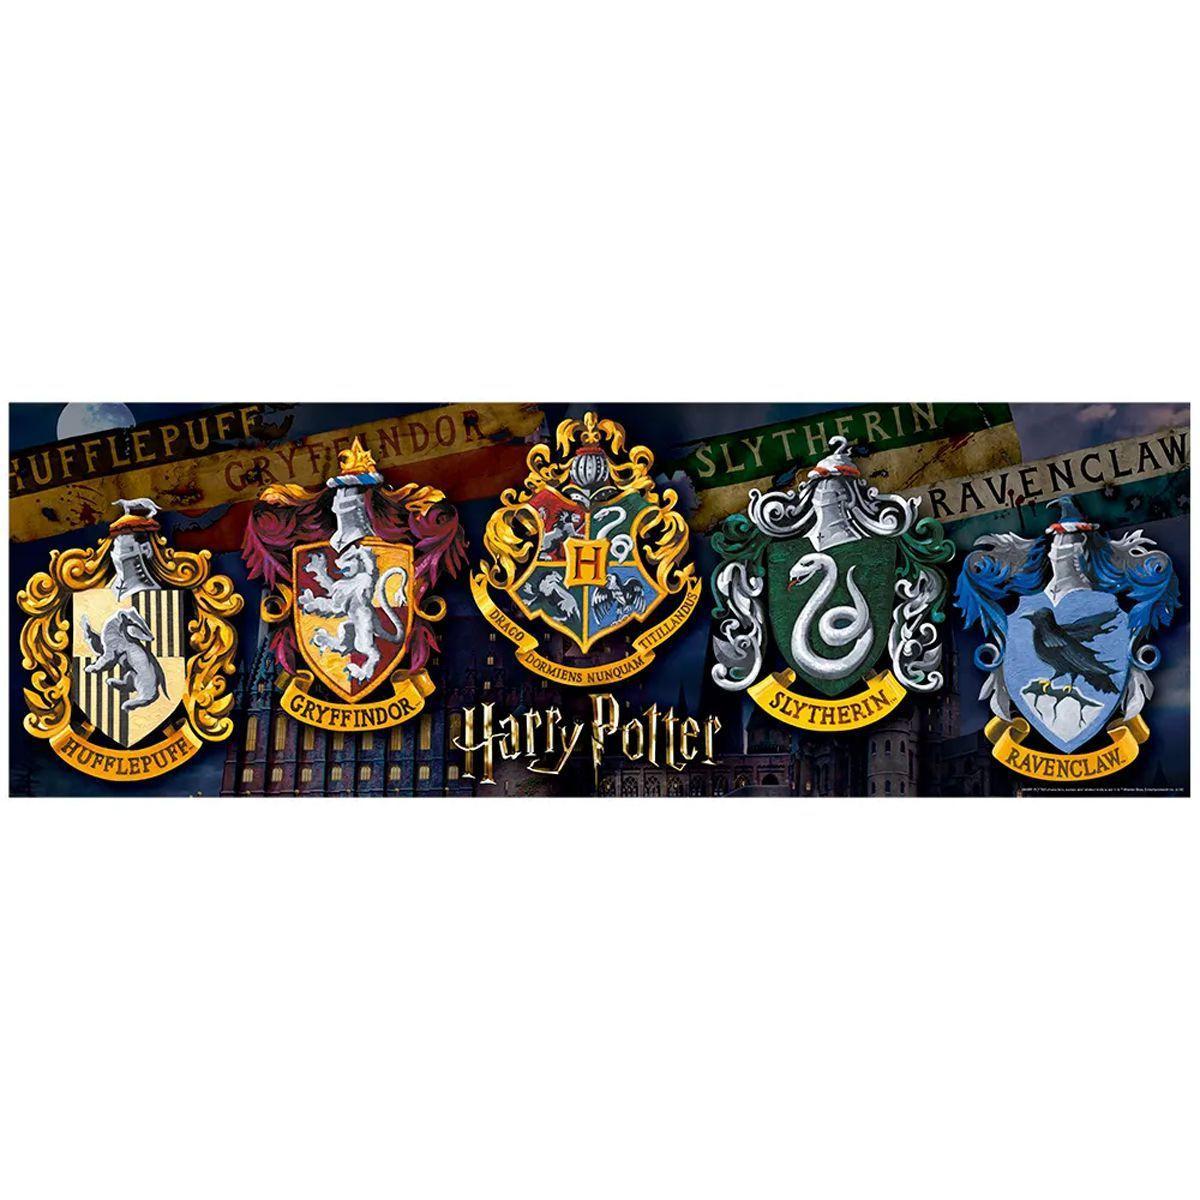 Quebra cabeça Harry Potter Panorama  - 350 peças